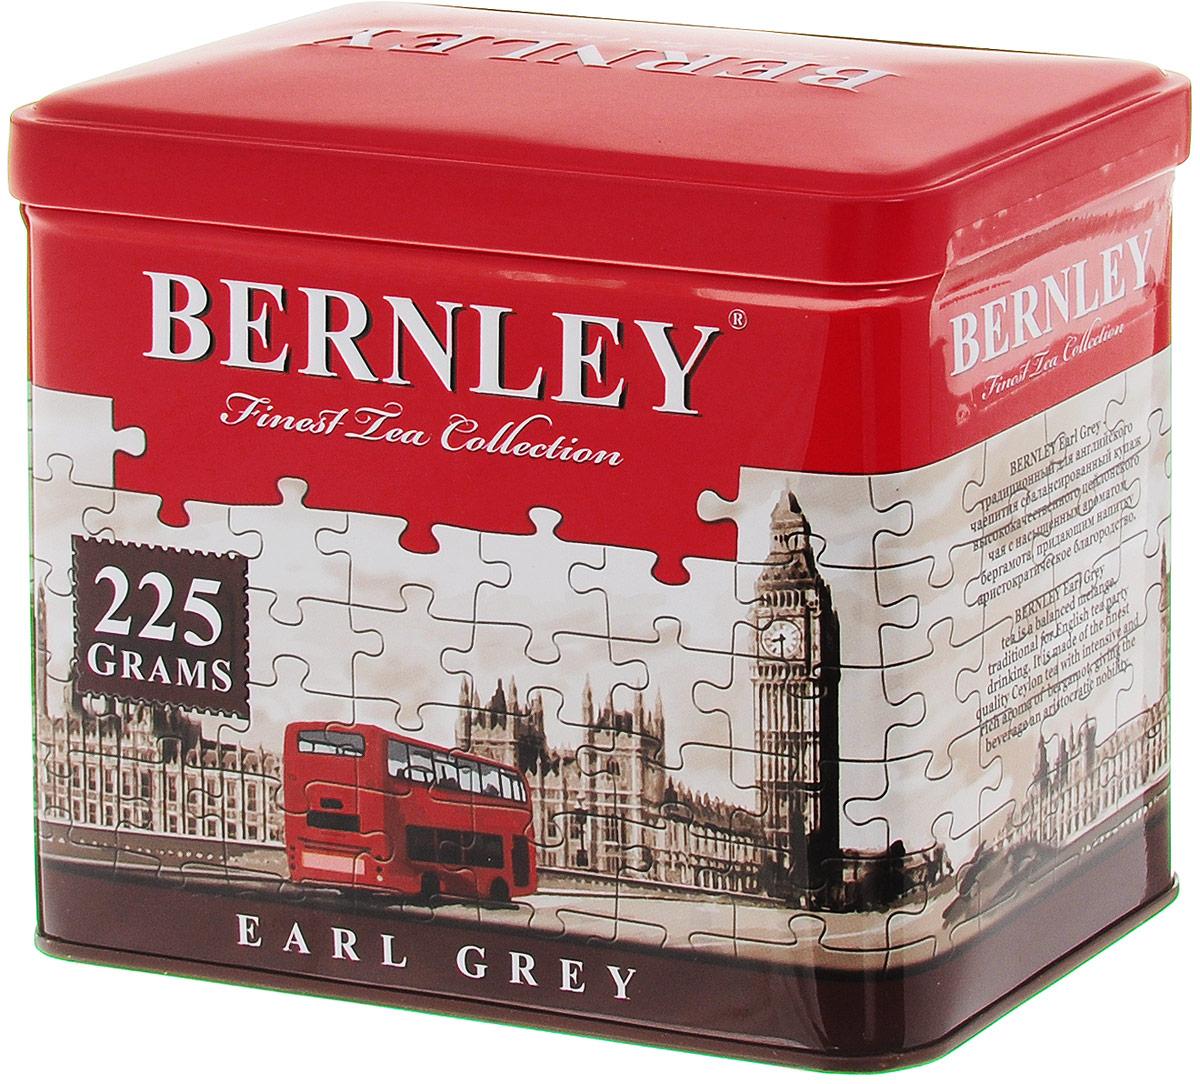 Bernley Earl Grey черный листовой ароматизированный чай, 225 г (ж/б) greenfield royal earl grey черный листовой чай 250 г